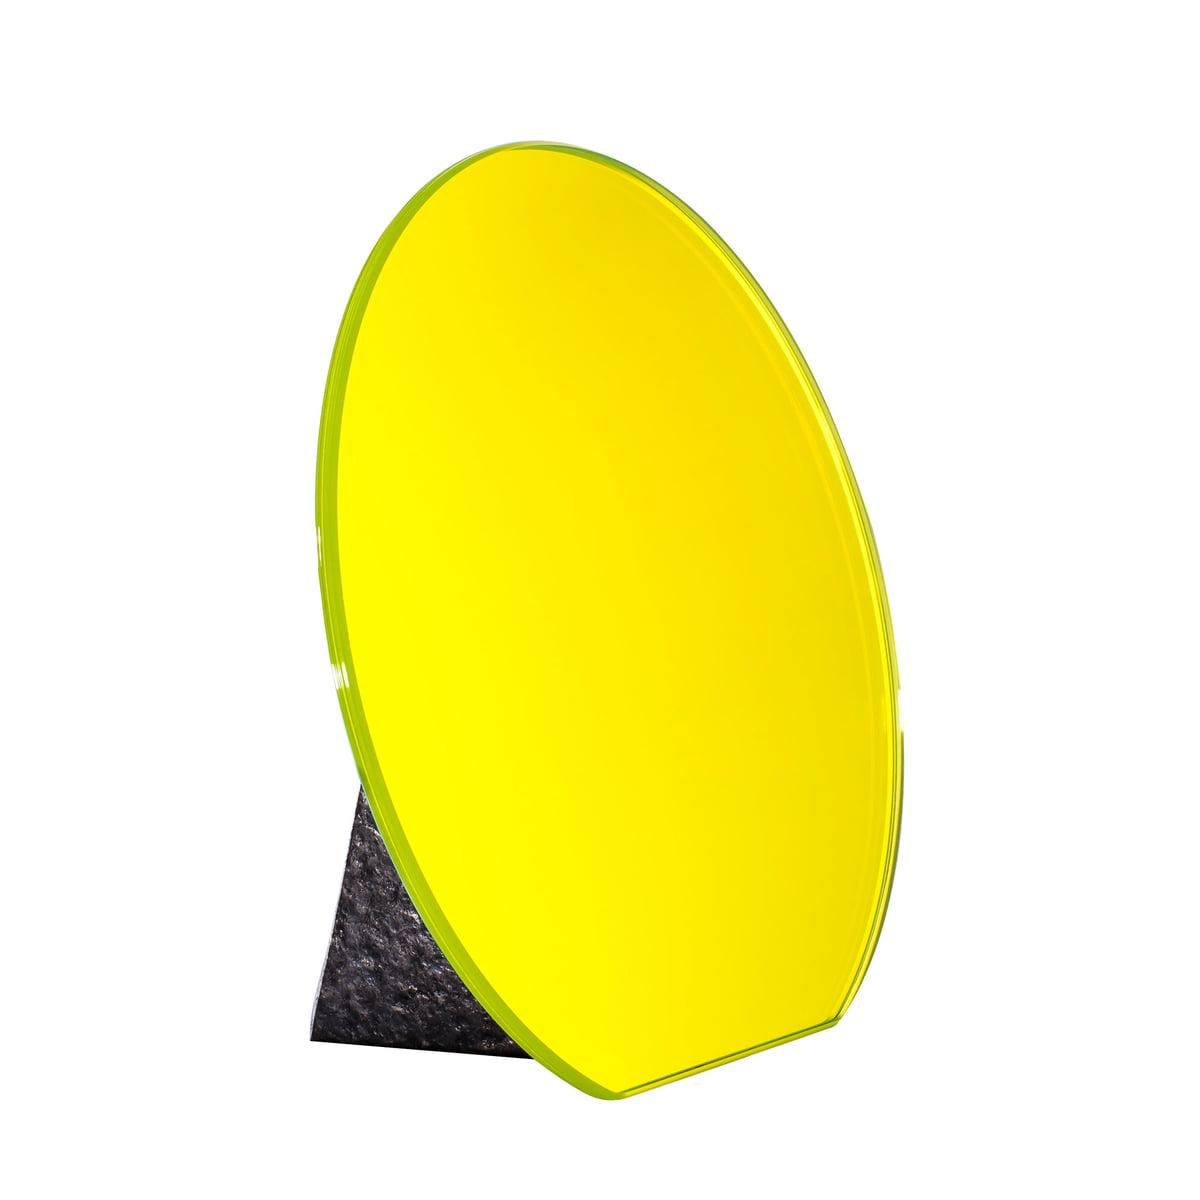 Pulpo - Dita Tischspiegel Ø 30 cm, lime yellow / Standfuß schwarz | Flur & Diele > Spiegel > Standspiegel | Gelb | Glas -  laminiert| standfuß aus stein | Pulpo